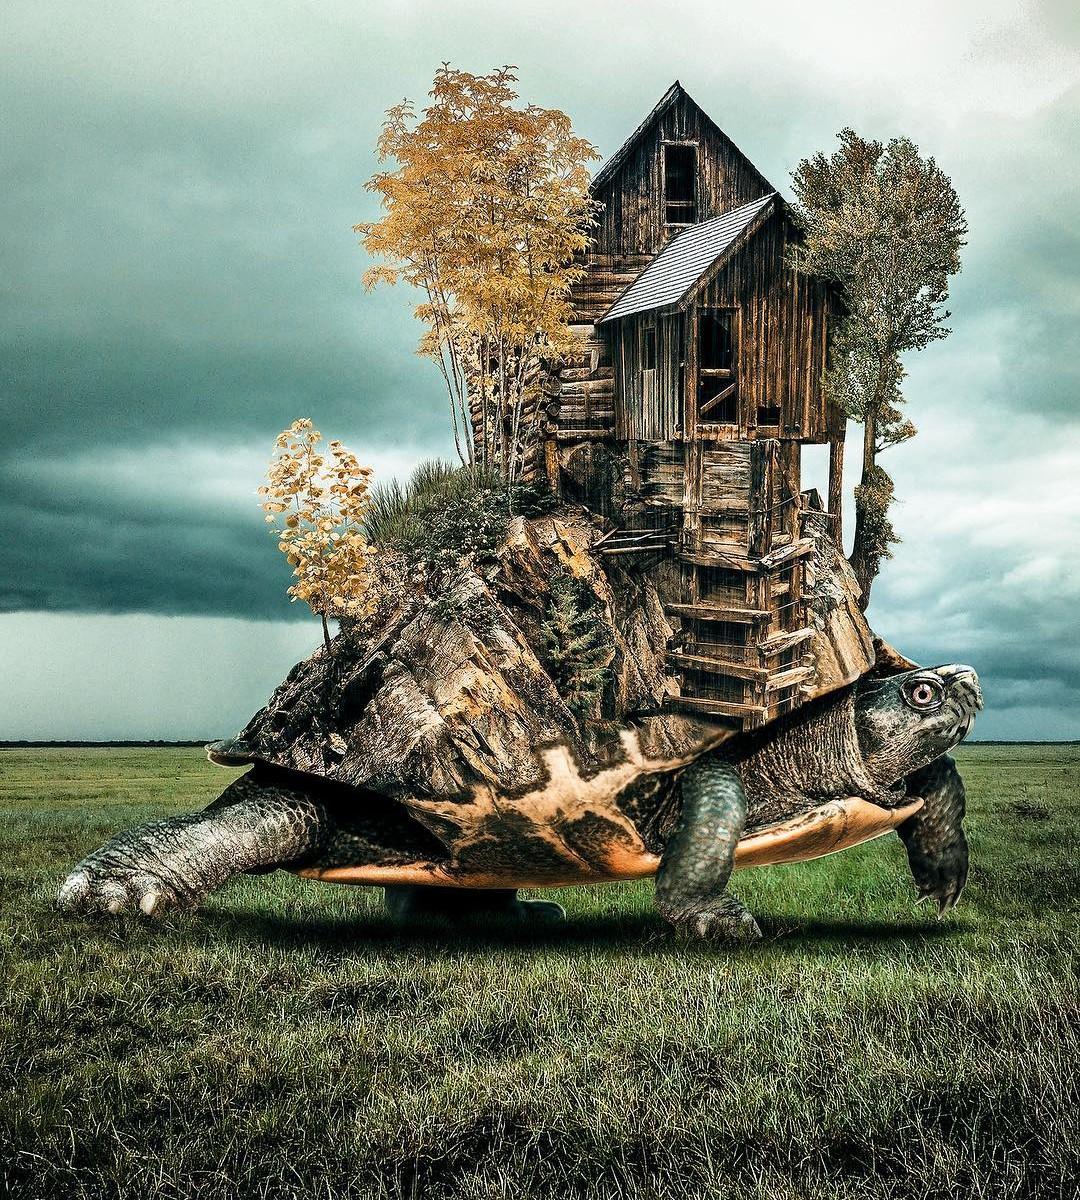 Хусейн Сахин. Цветные сны. Фотографии. Коллаж. Сюр.